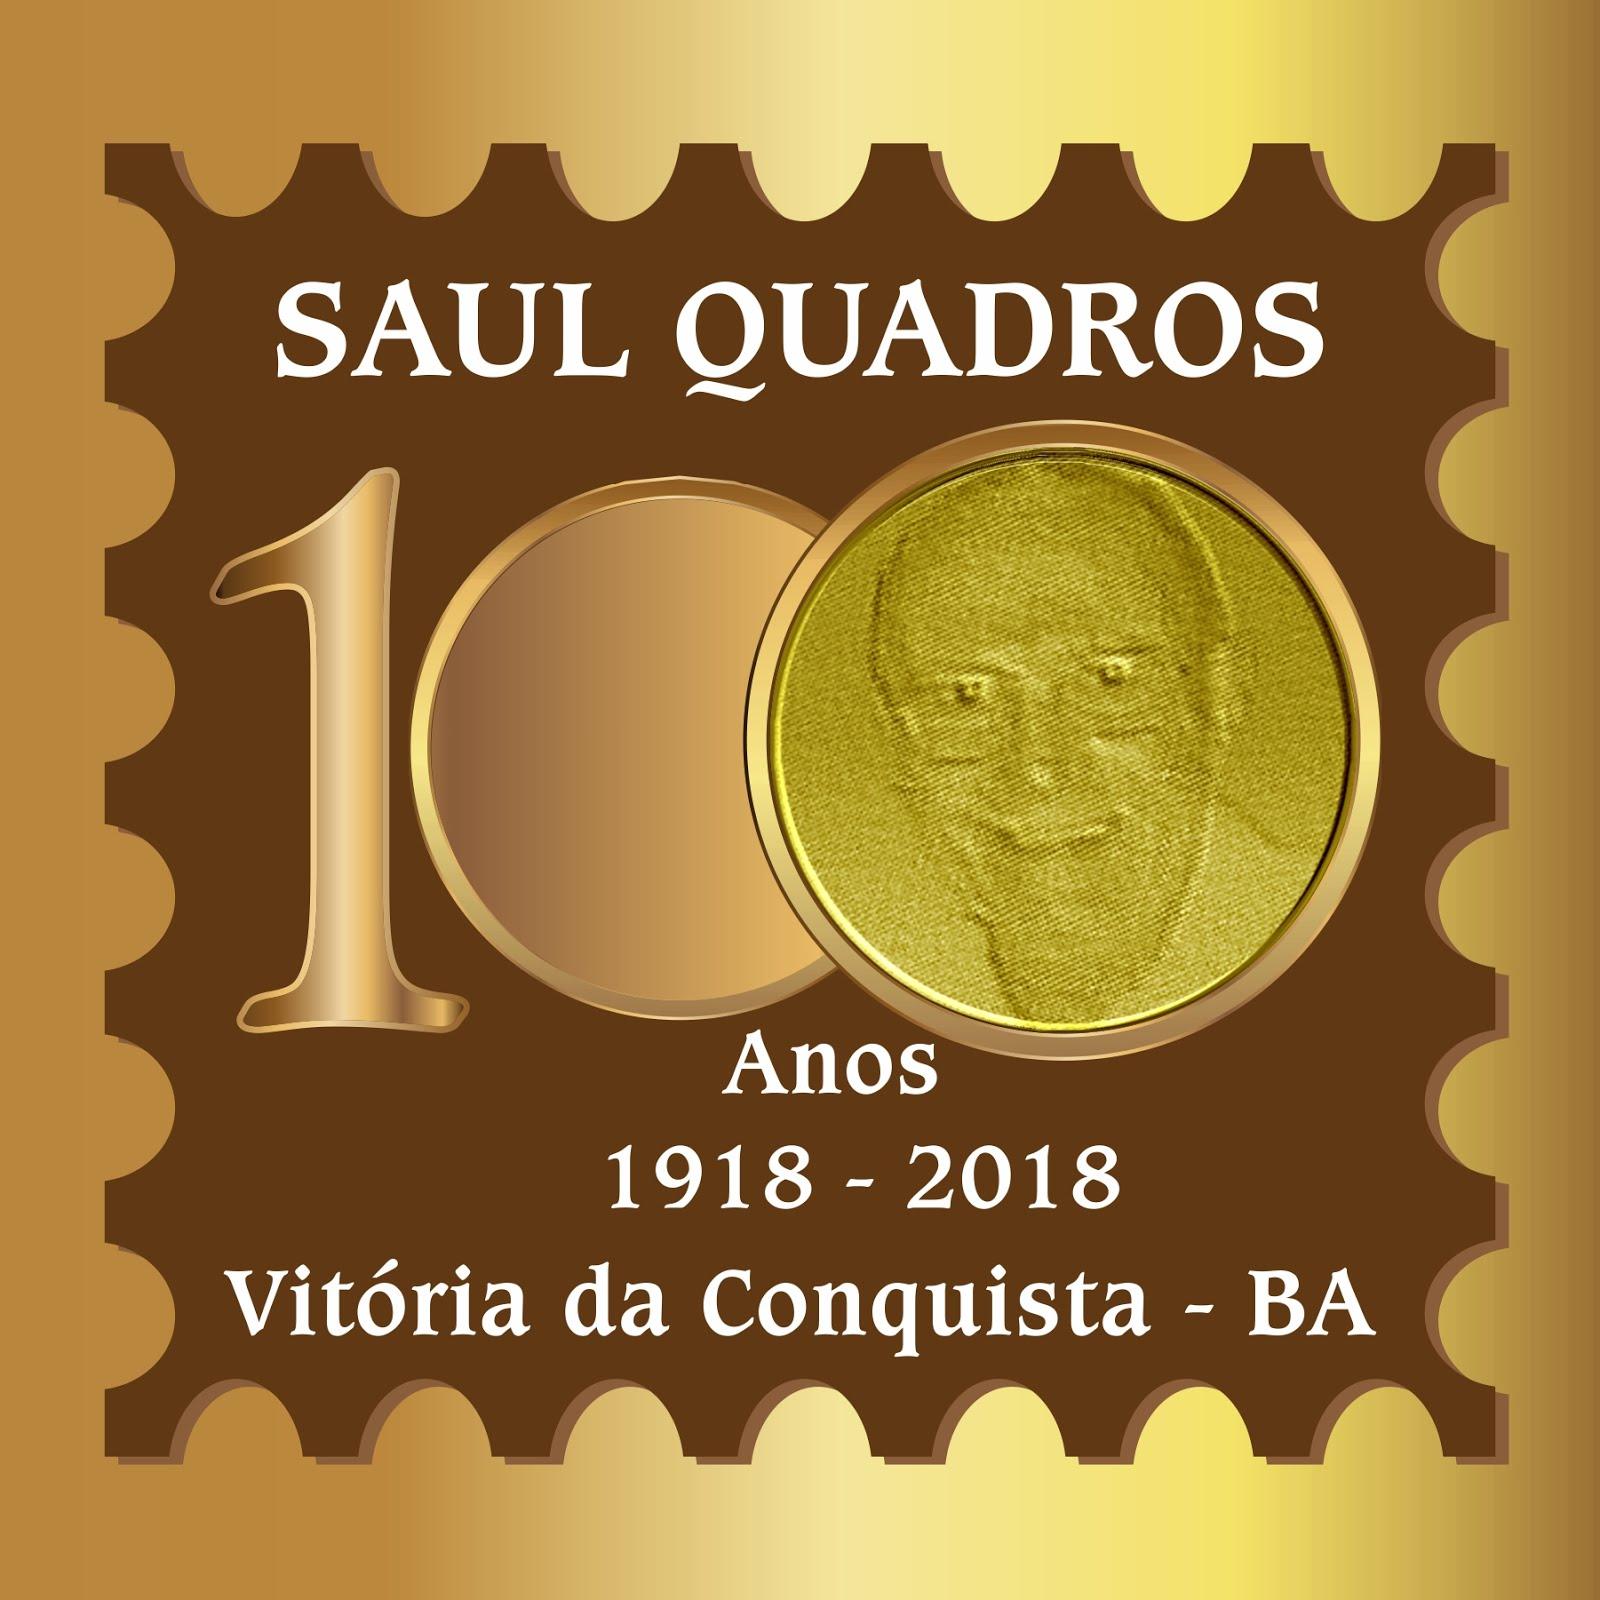 SAUL QUADROS 100 ANOS